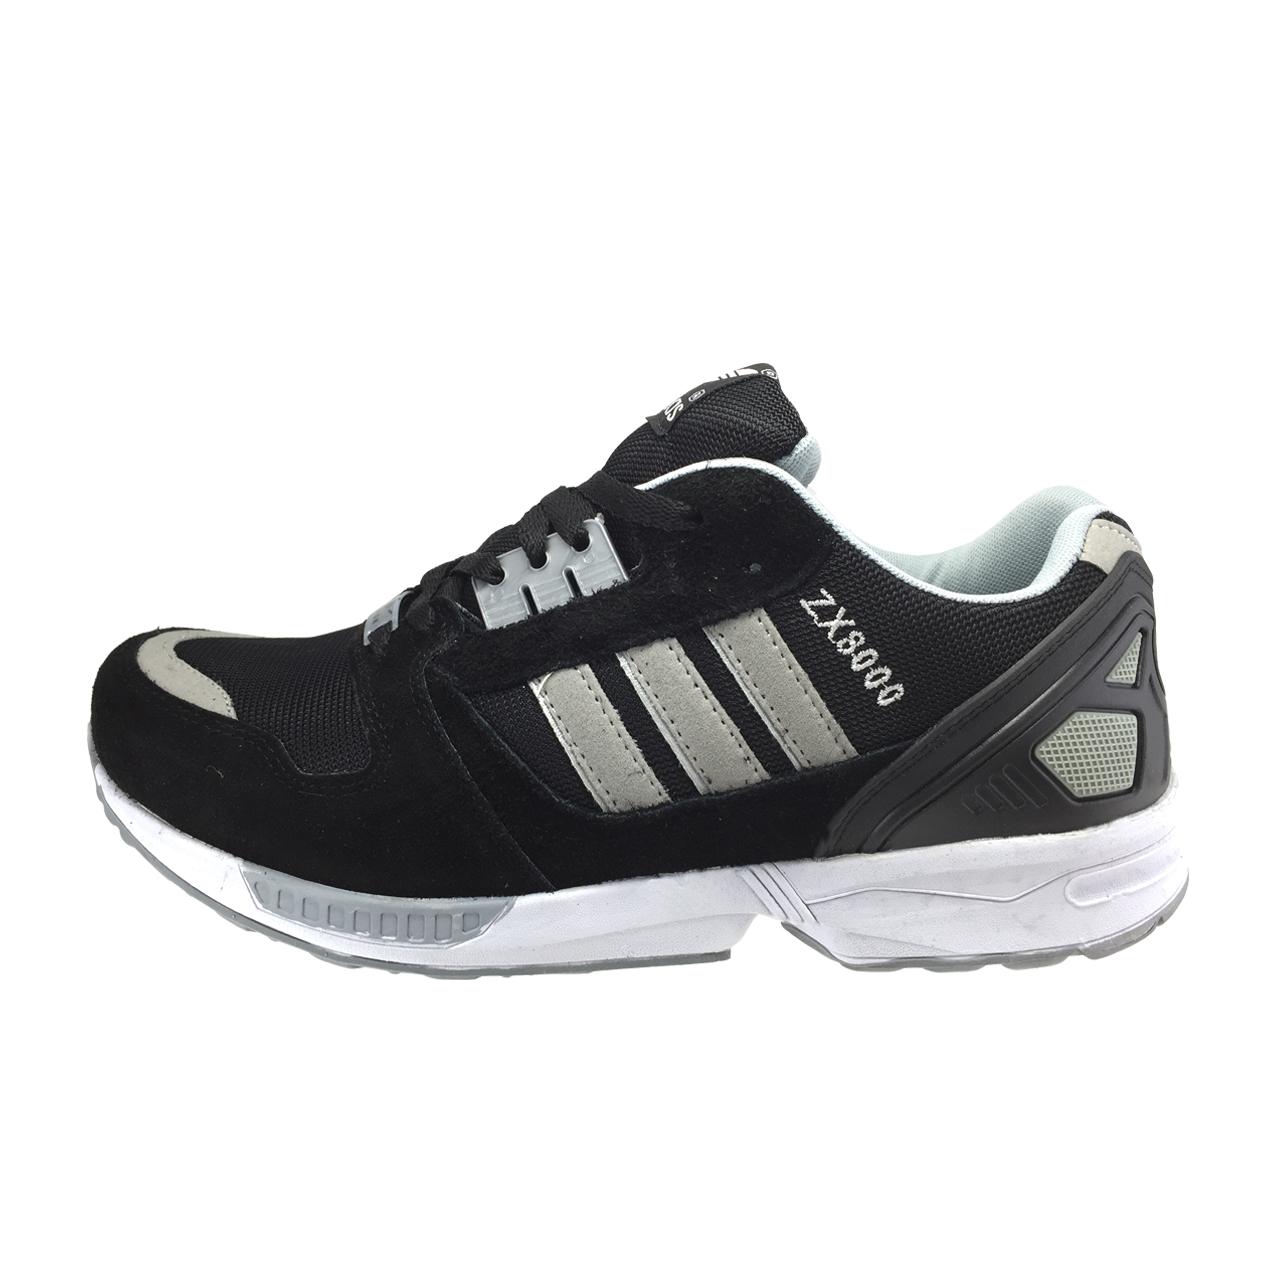 کفش مخصوص پیاده روی مردانه مدل B183 رنگ مشکی